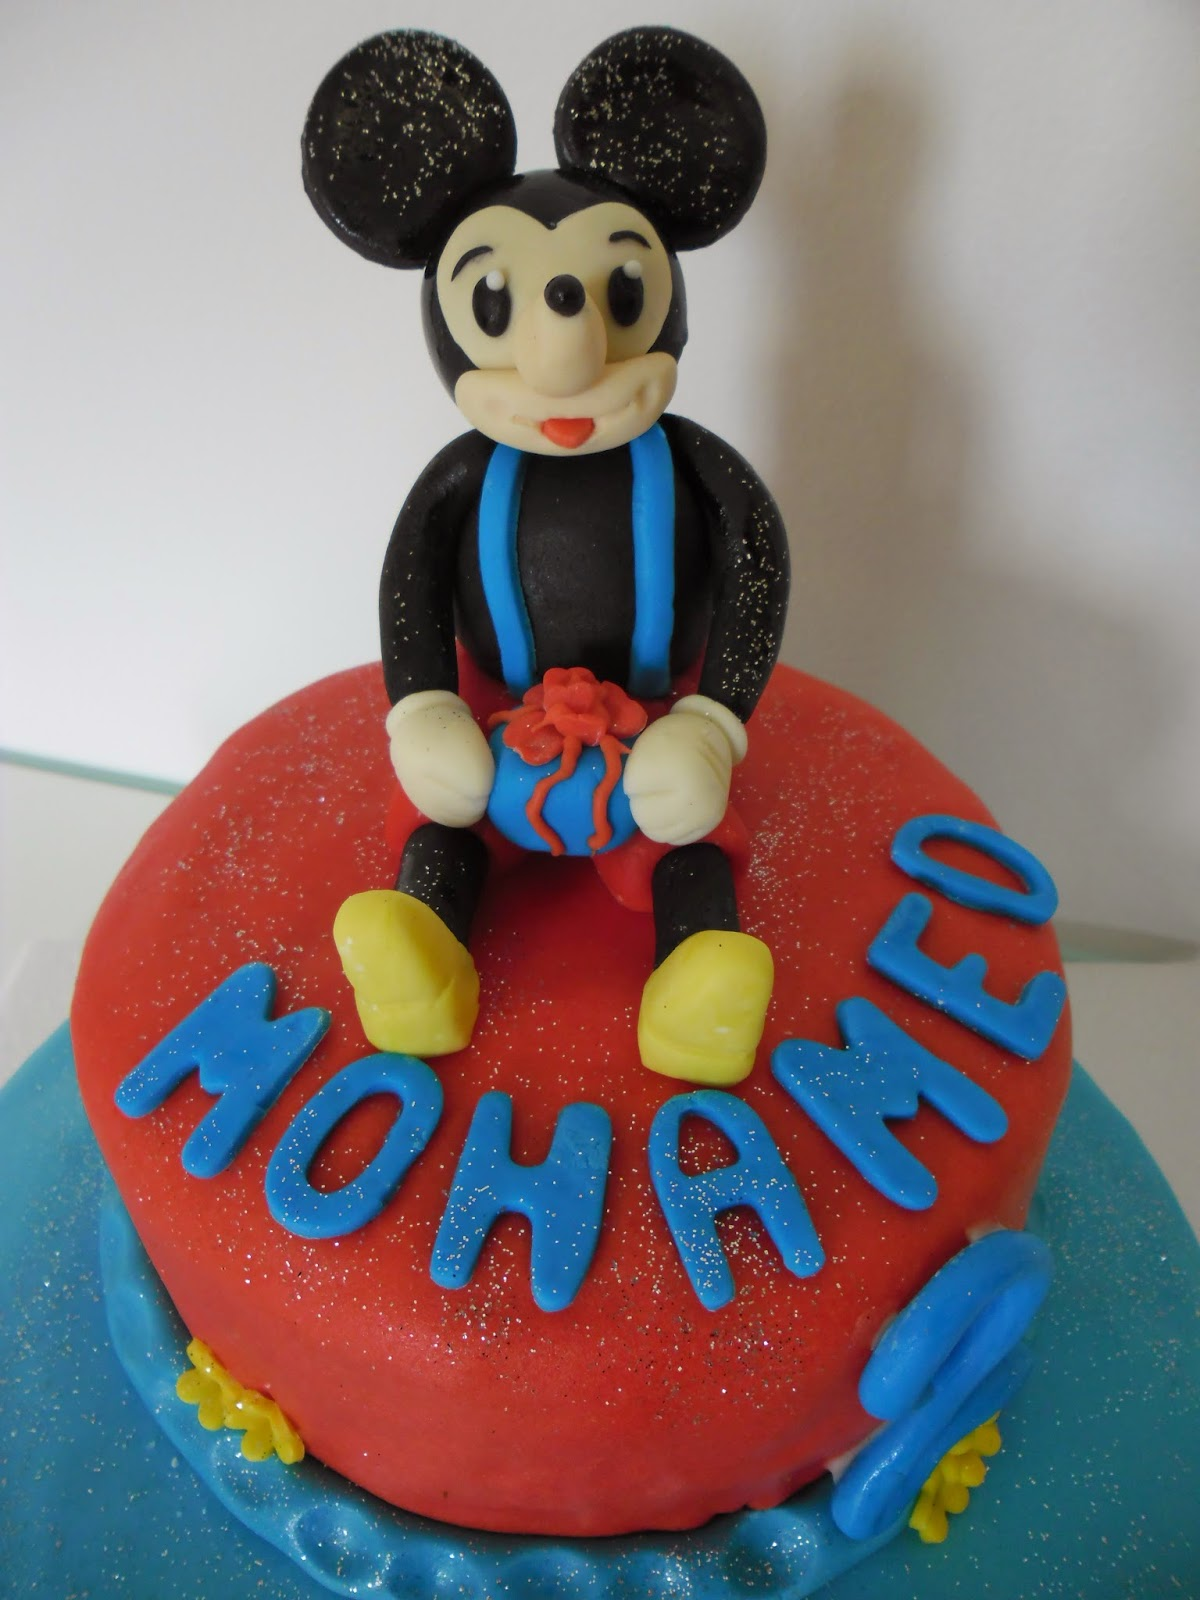 Häufig gâteau d'anniversaire Mickey Mouse | GATEAUX D'ALINE NI65